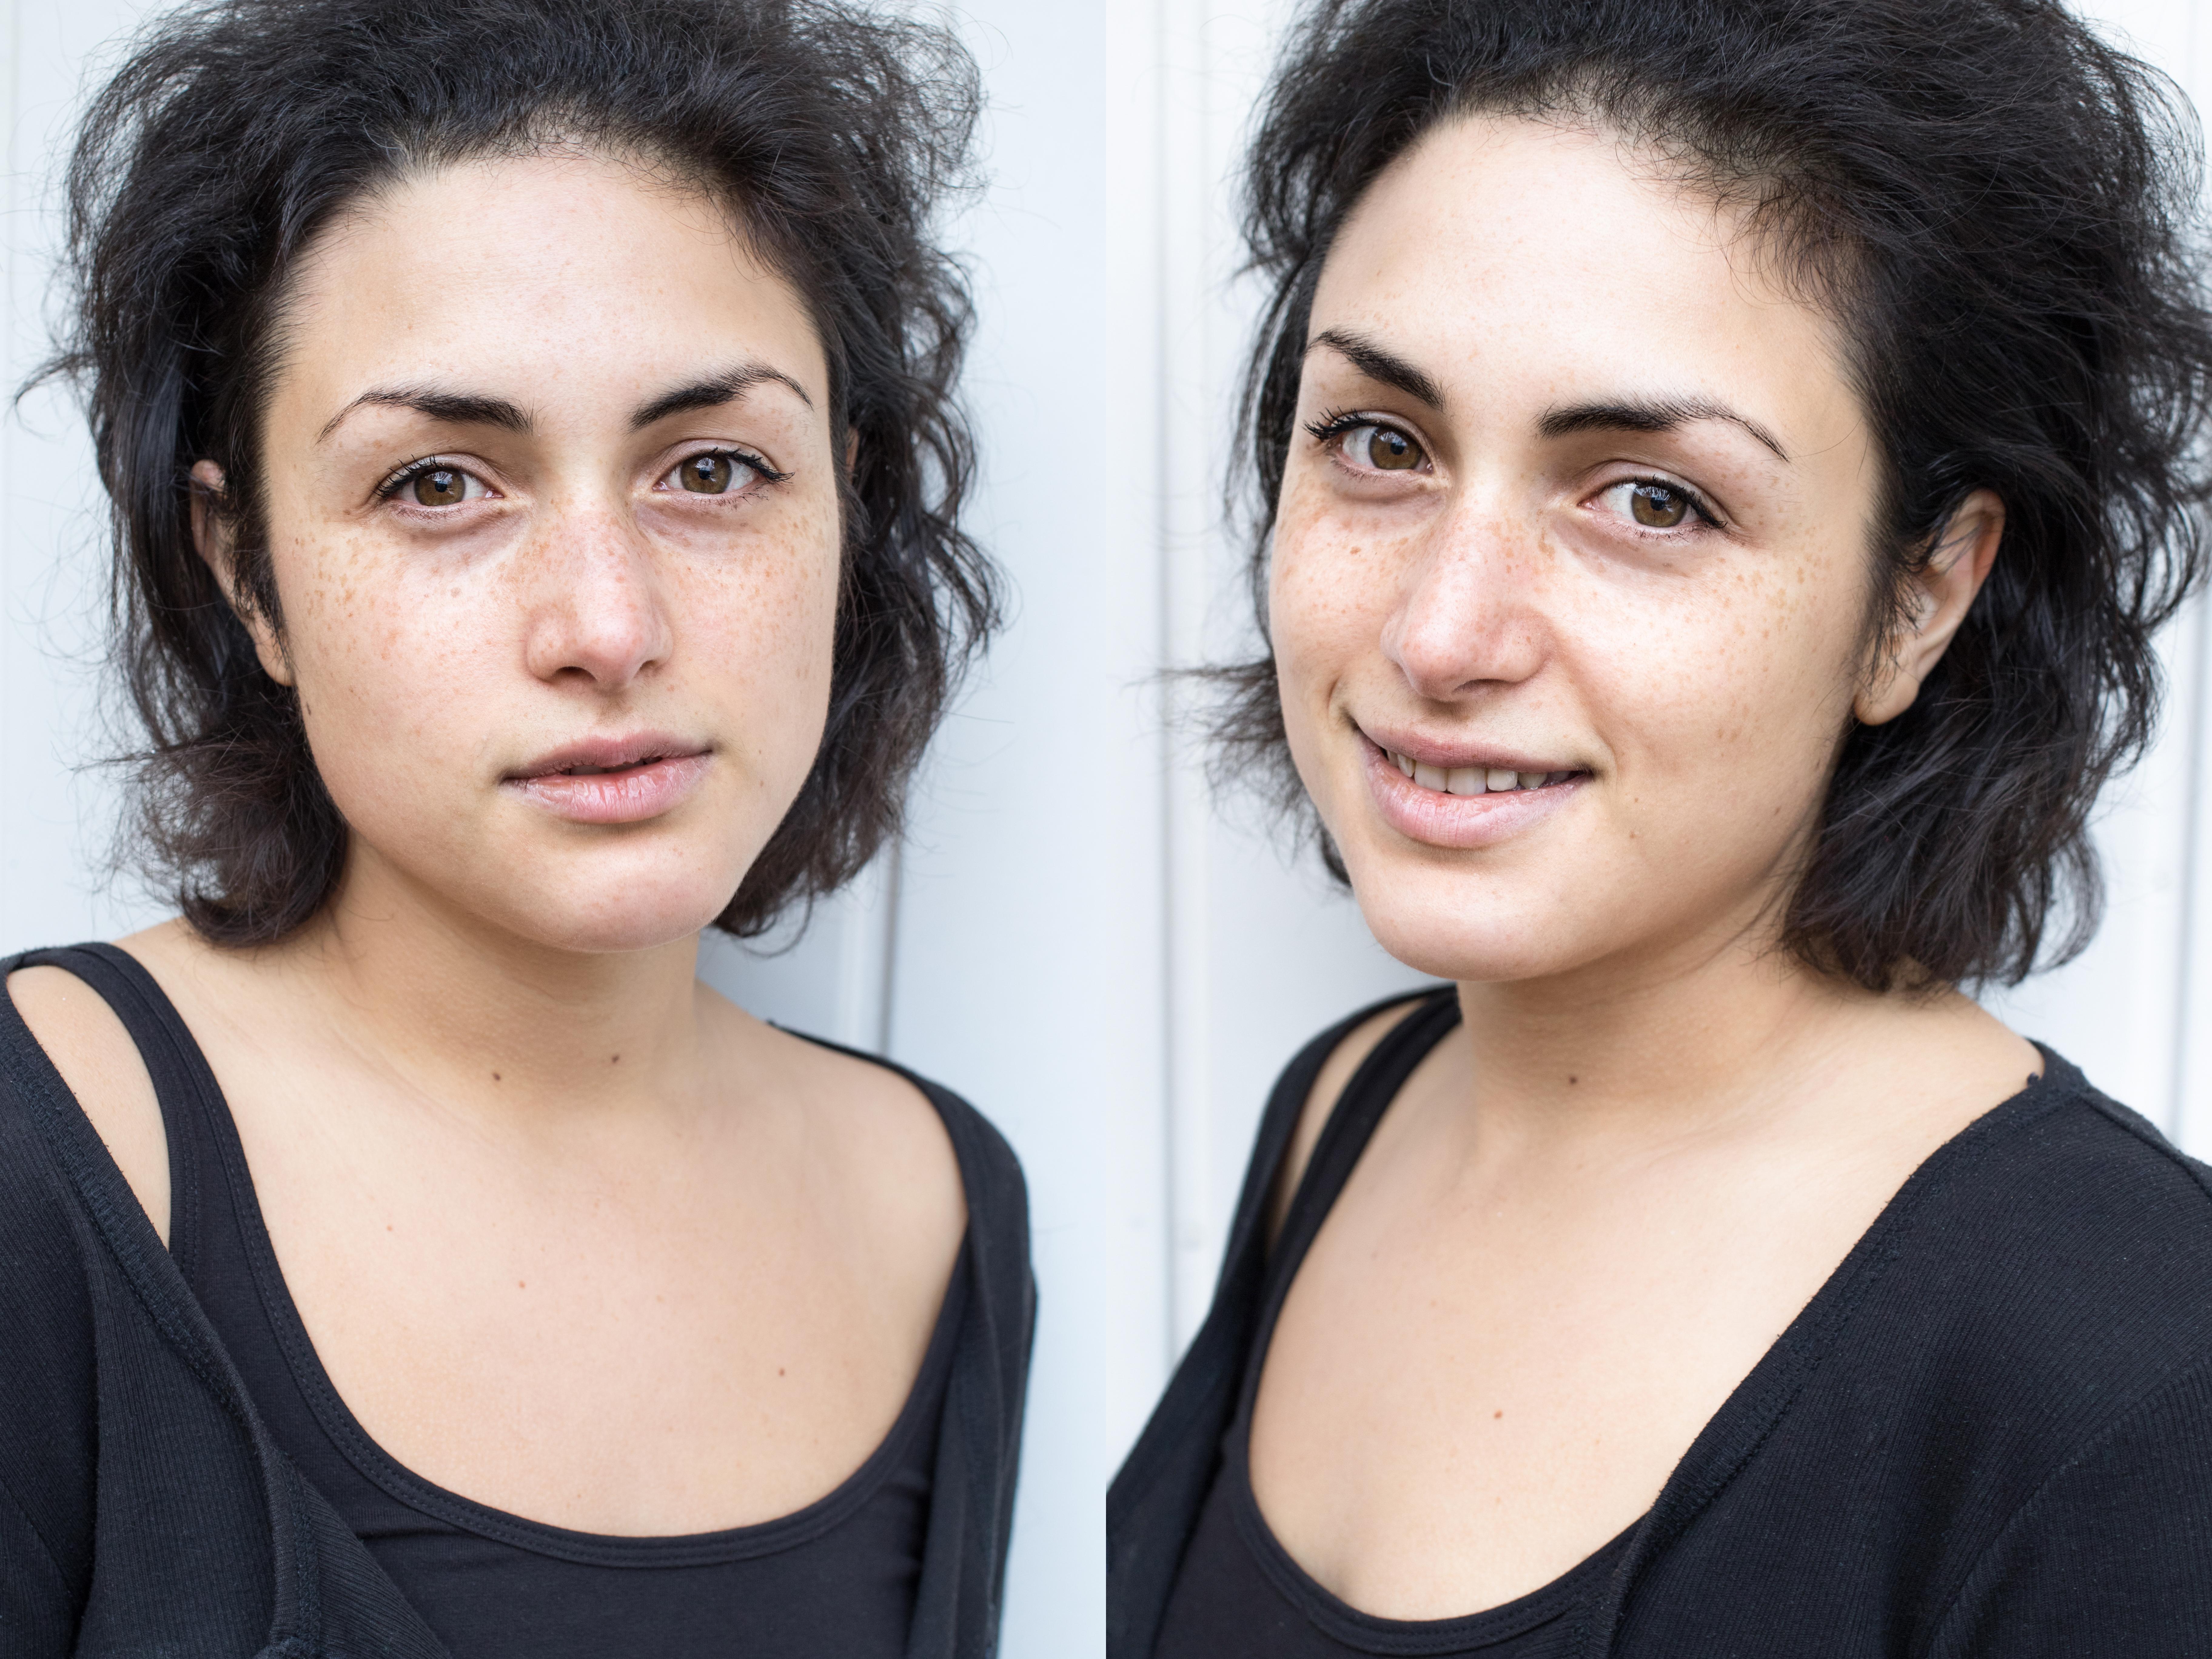 Narin Oz Headshots